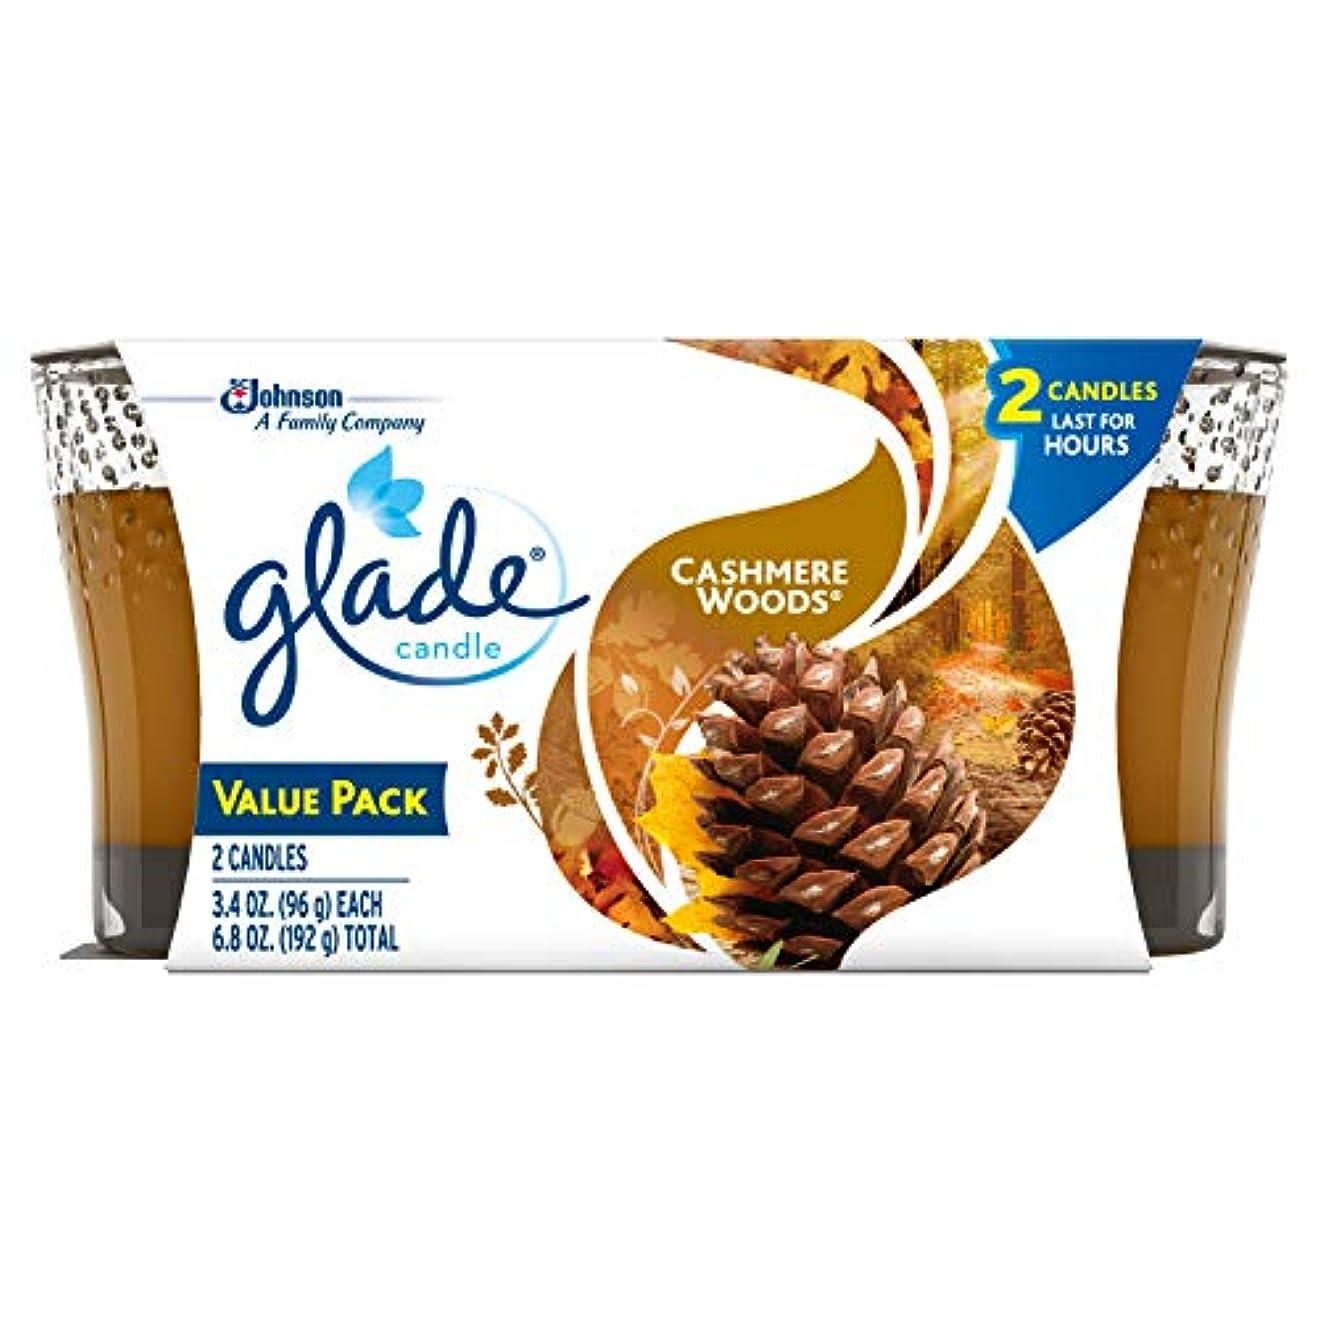 カード鬼ごっこゴネリルGlade Jar Candle Air Freshener, Cashmere Woods, 2 count, 6.8 Ounce by Glade